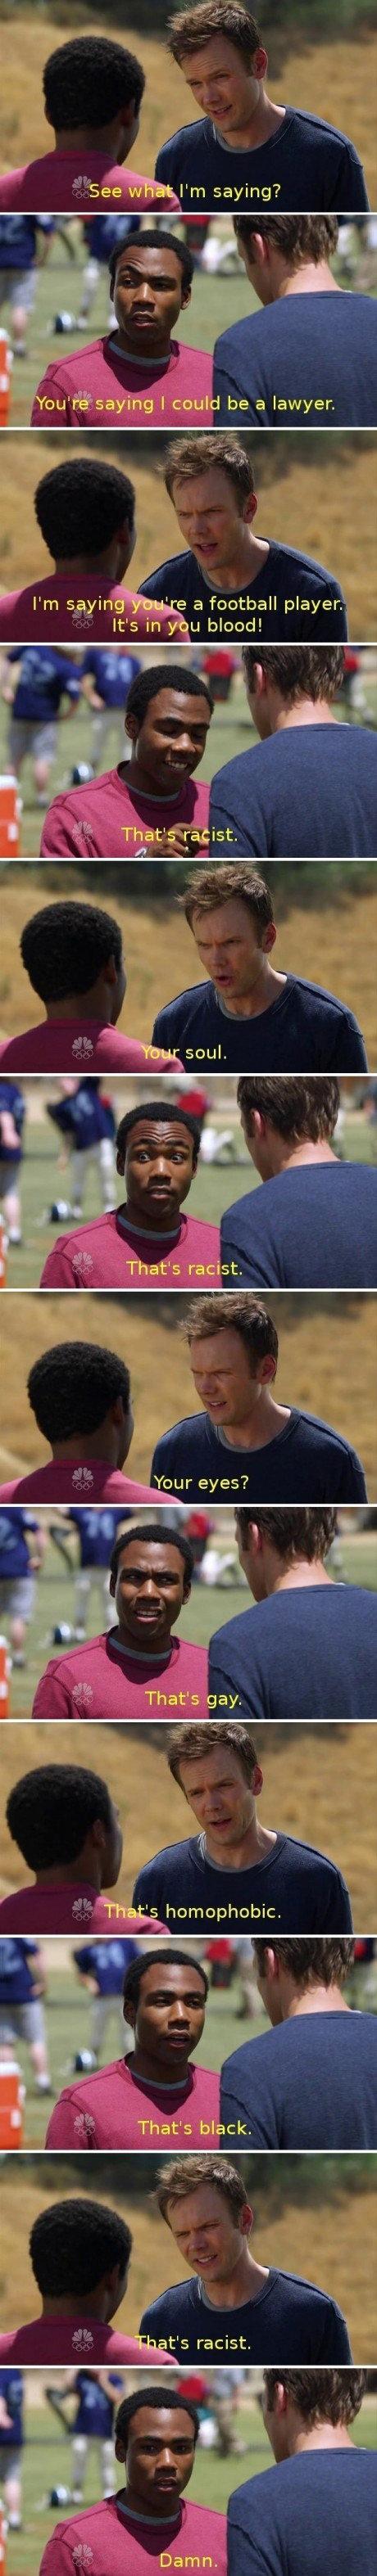 Racist. . a football player, It' s LI blood!